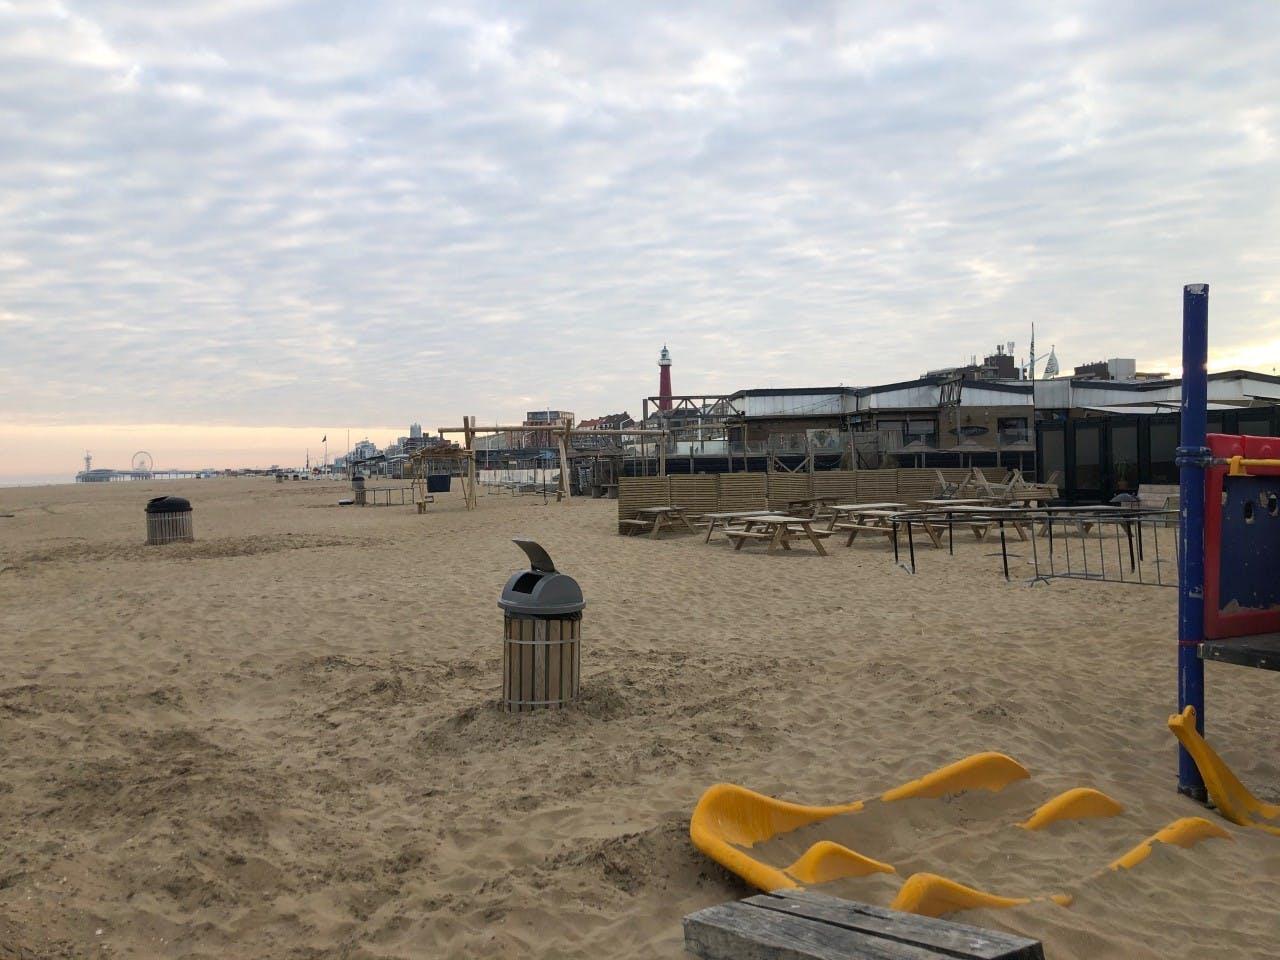 Strandclub 'WIJ' in Scheveningen